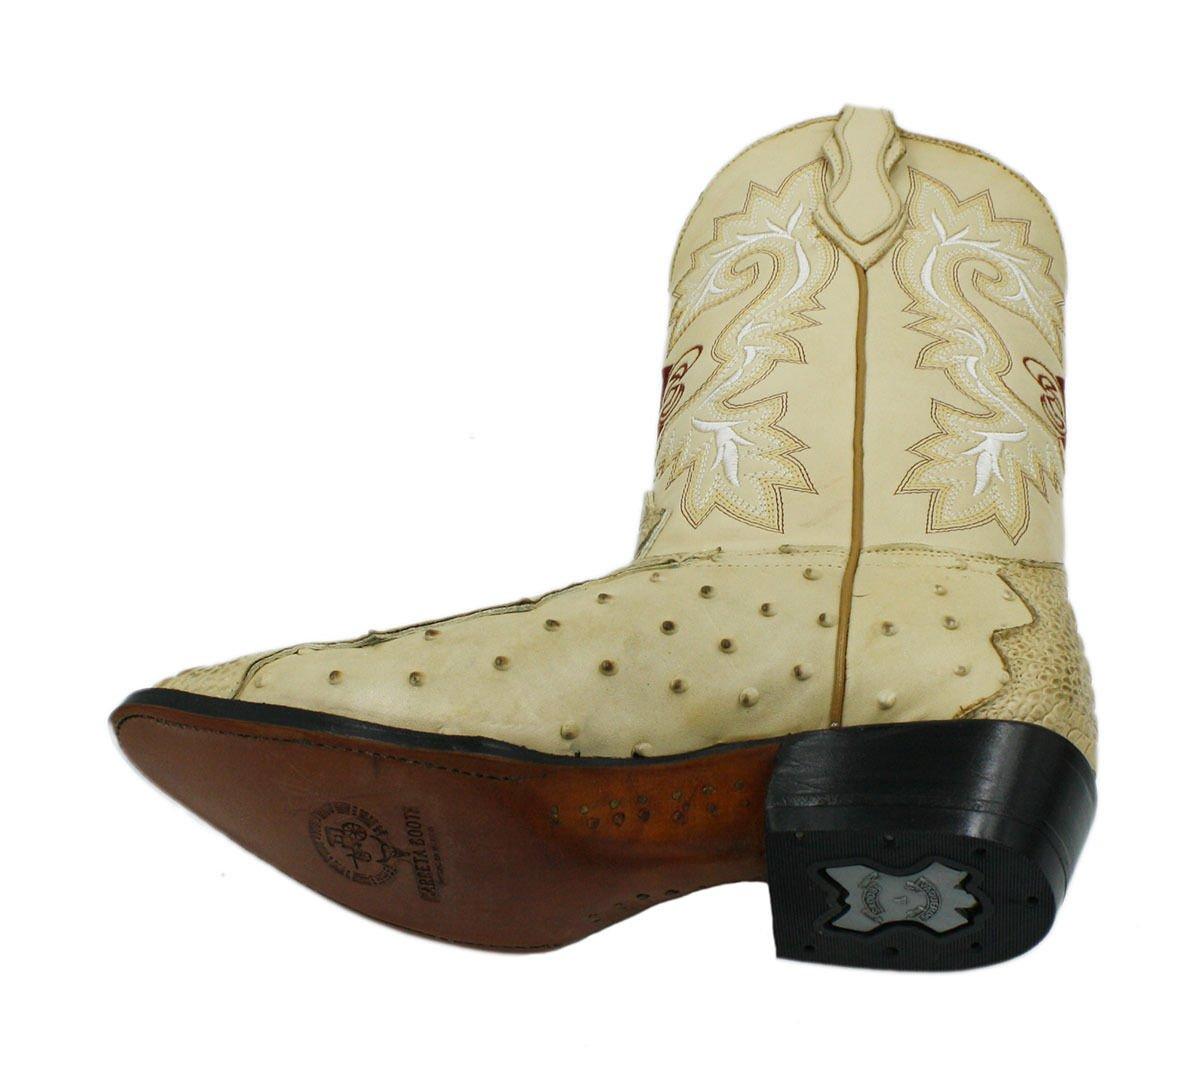 34dd78312d Botas de vaquero J Toe con estampado de avestruz y cuero de cocodrilo  genuino Orix